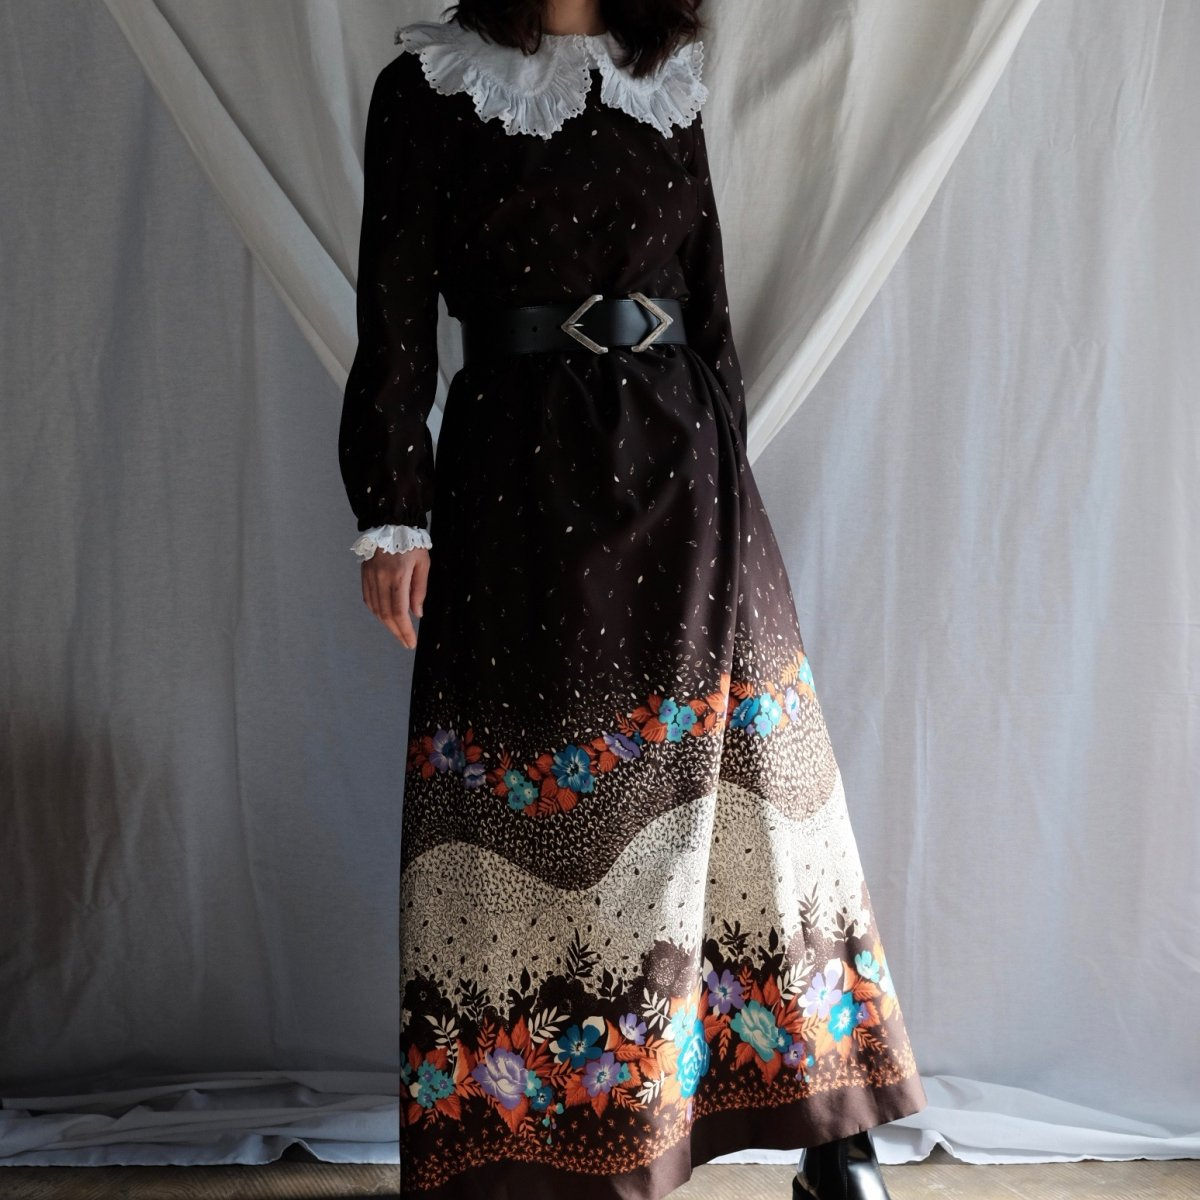 [VINTAGE] Autumn Forest Maxi Dress